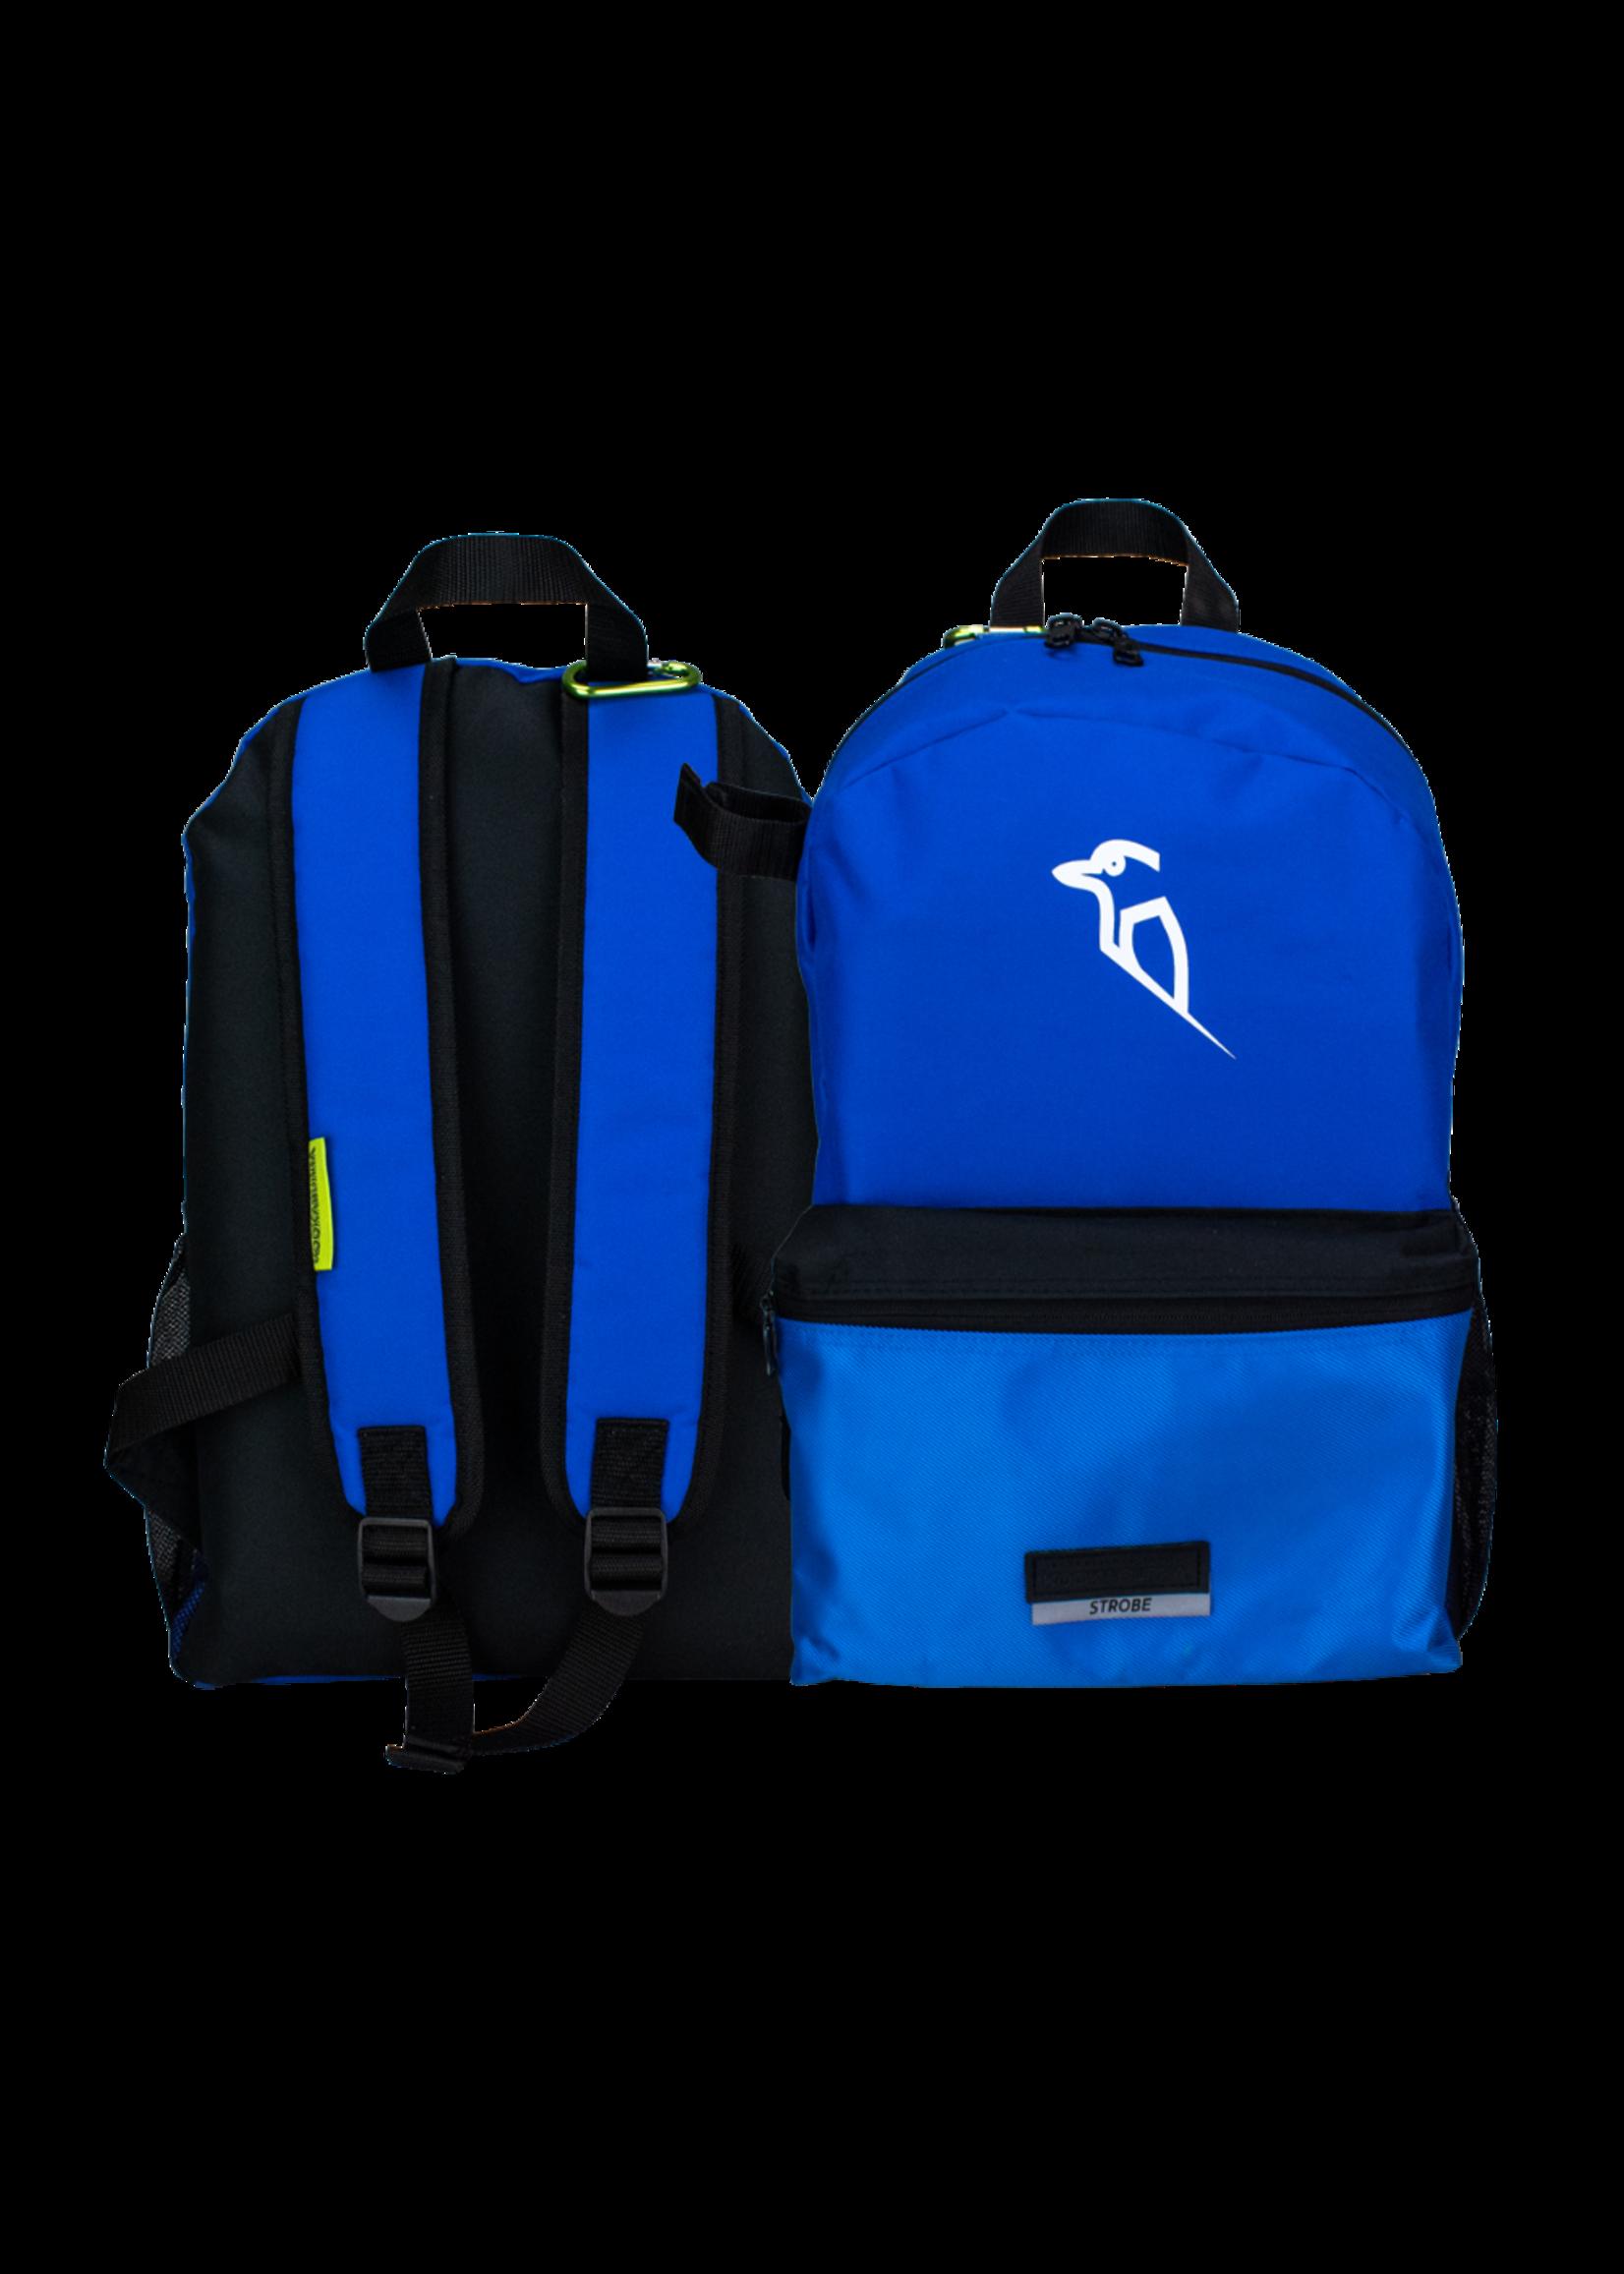 Kookaburra Kookaburra Strobe Hockey Backpack (2020)